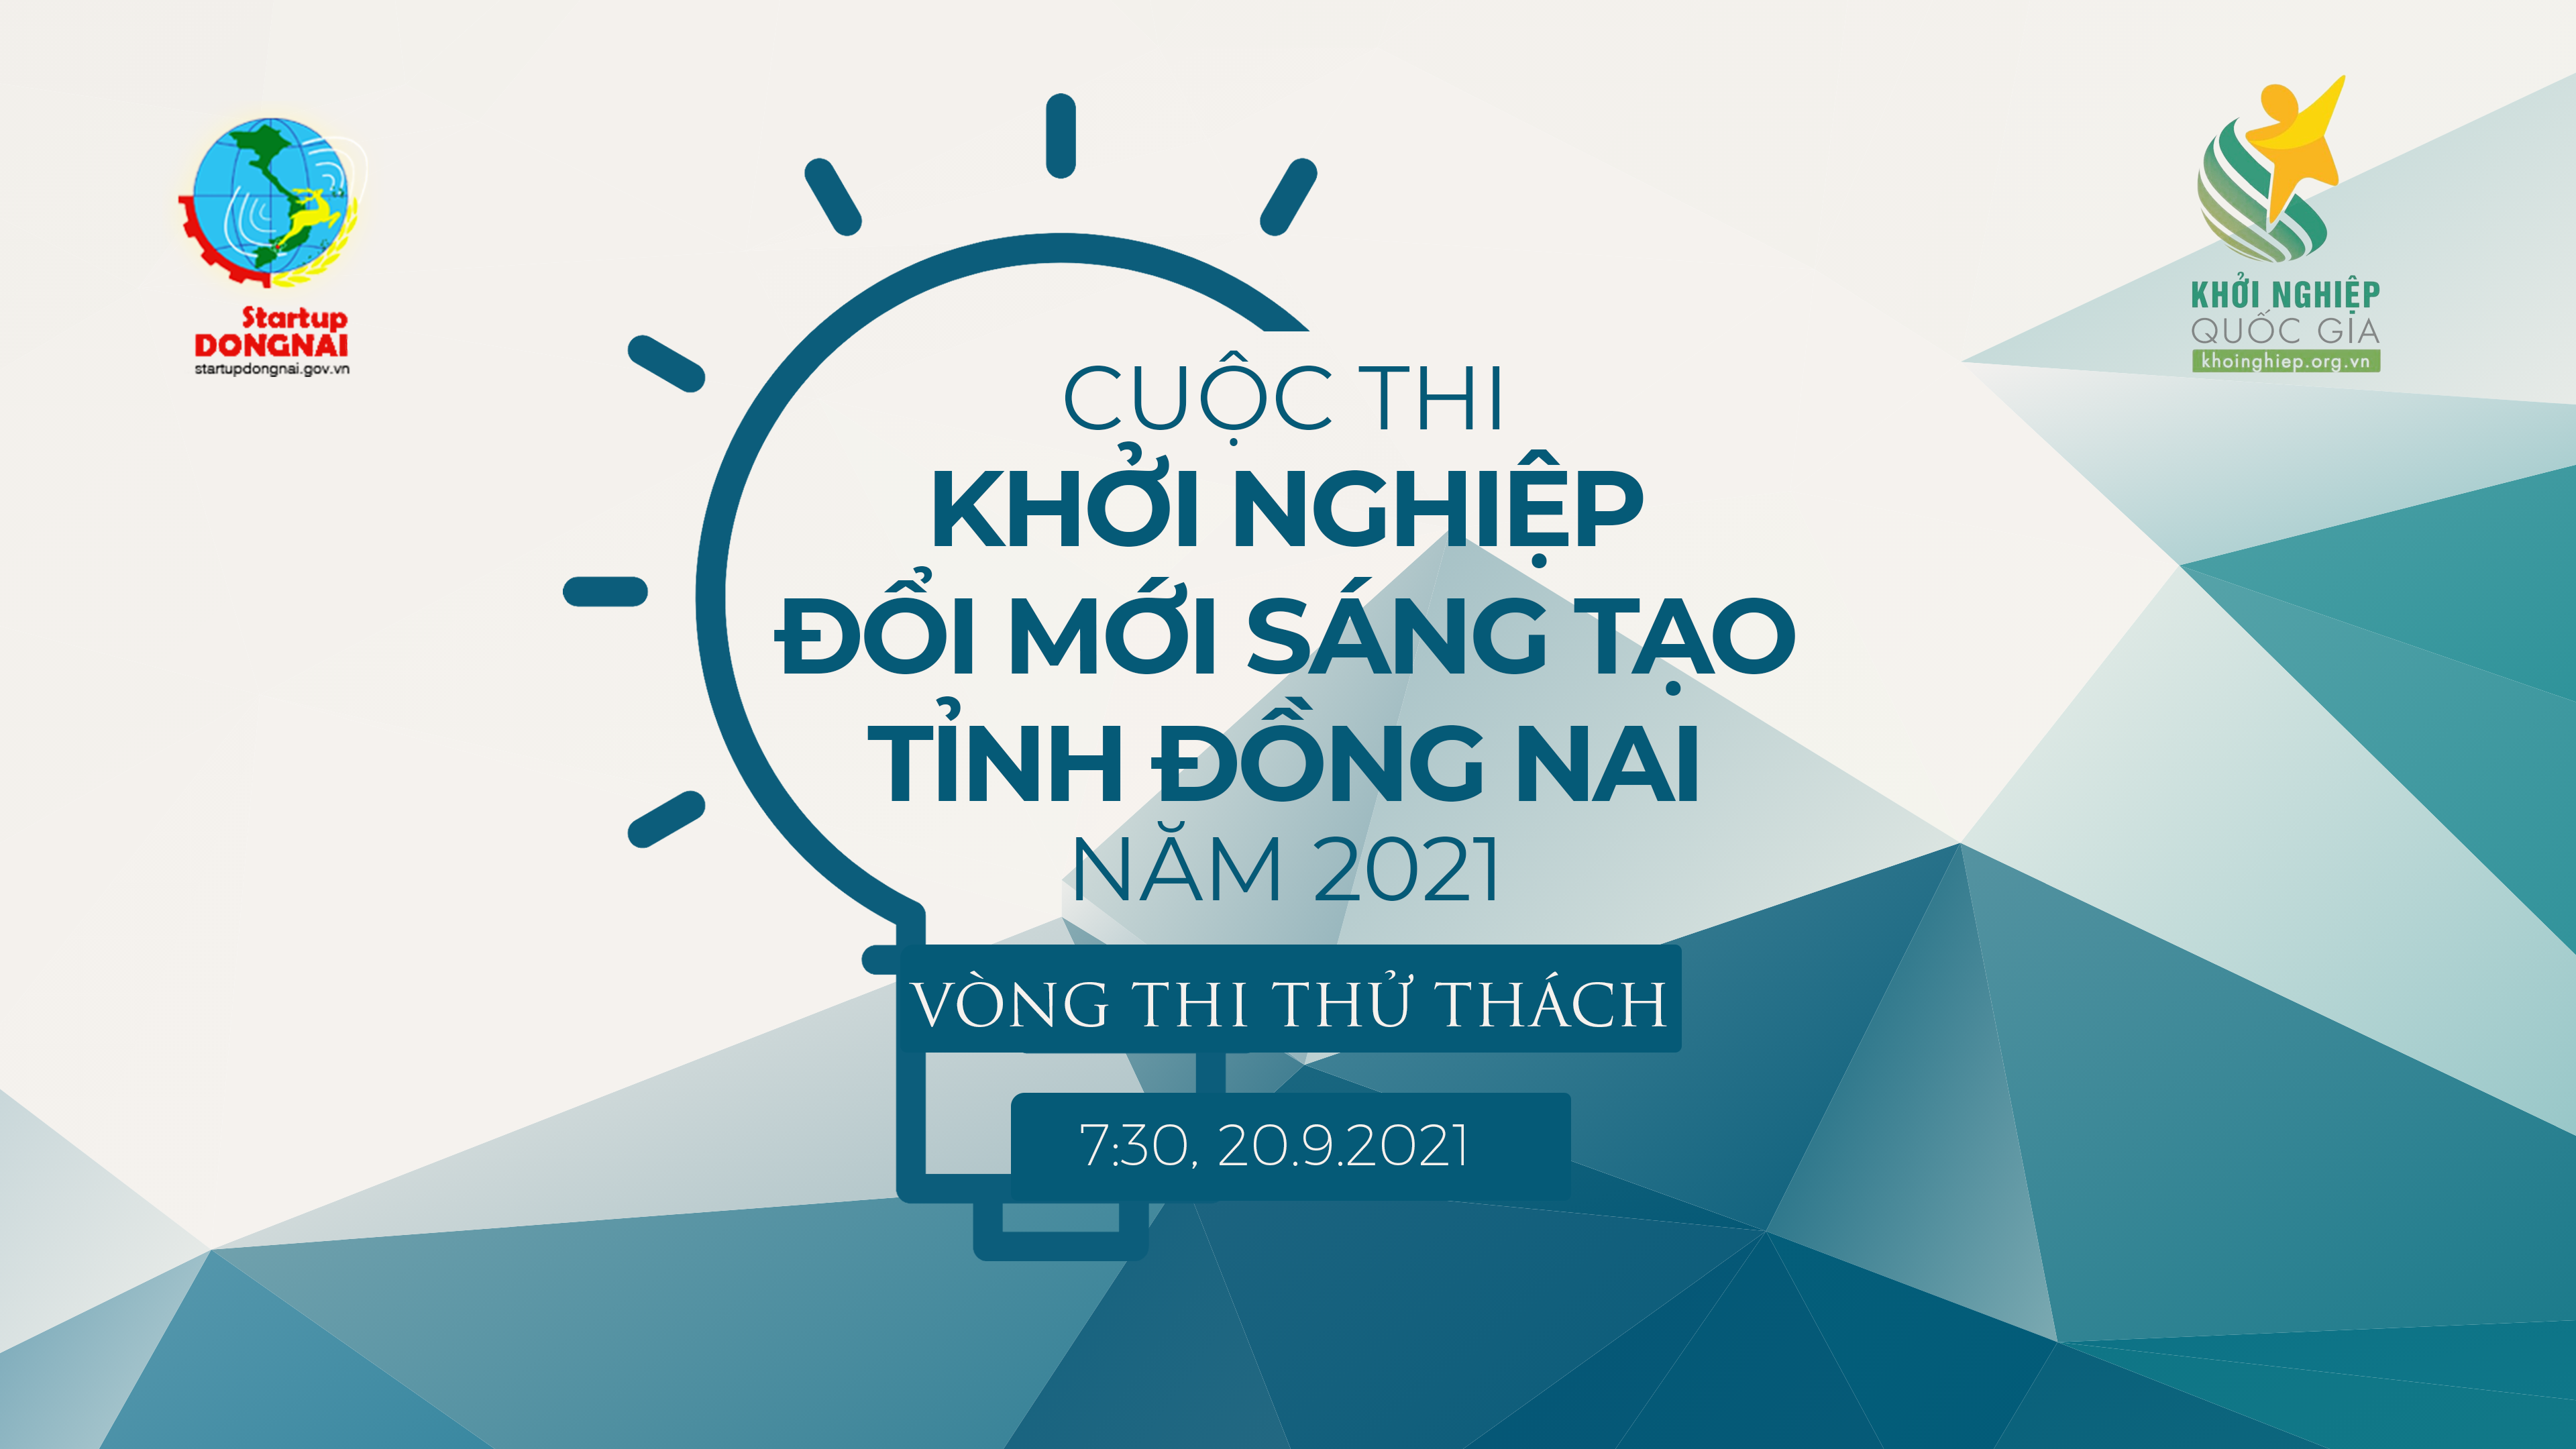 Vòng thử thách Cuộc thi Khởi nghiệp đổi mới sáng tạo tỉnh Đồng Nai năm 2021